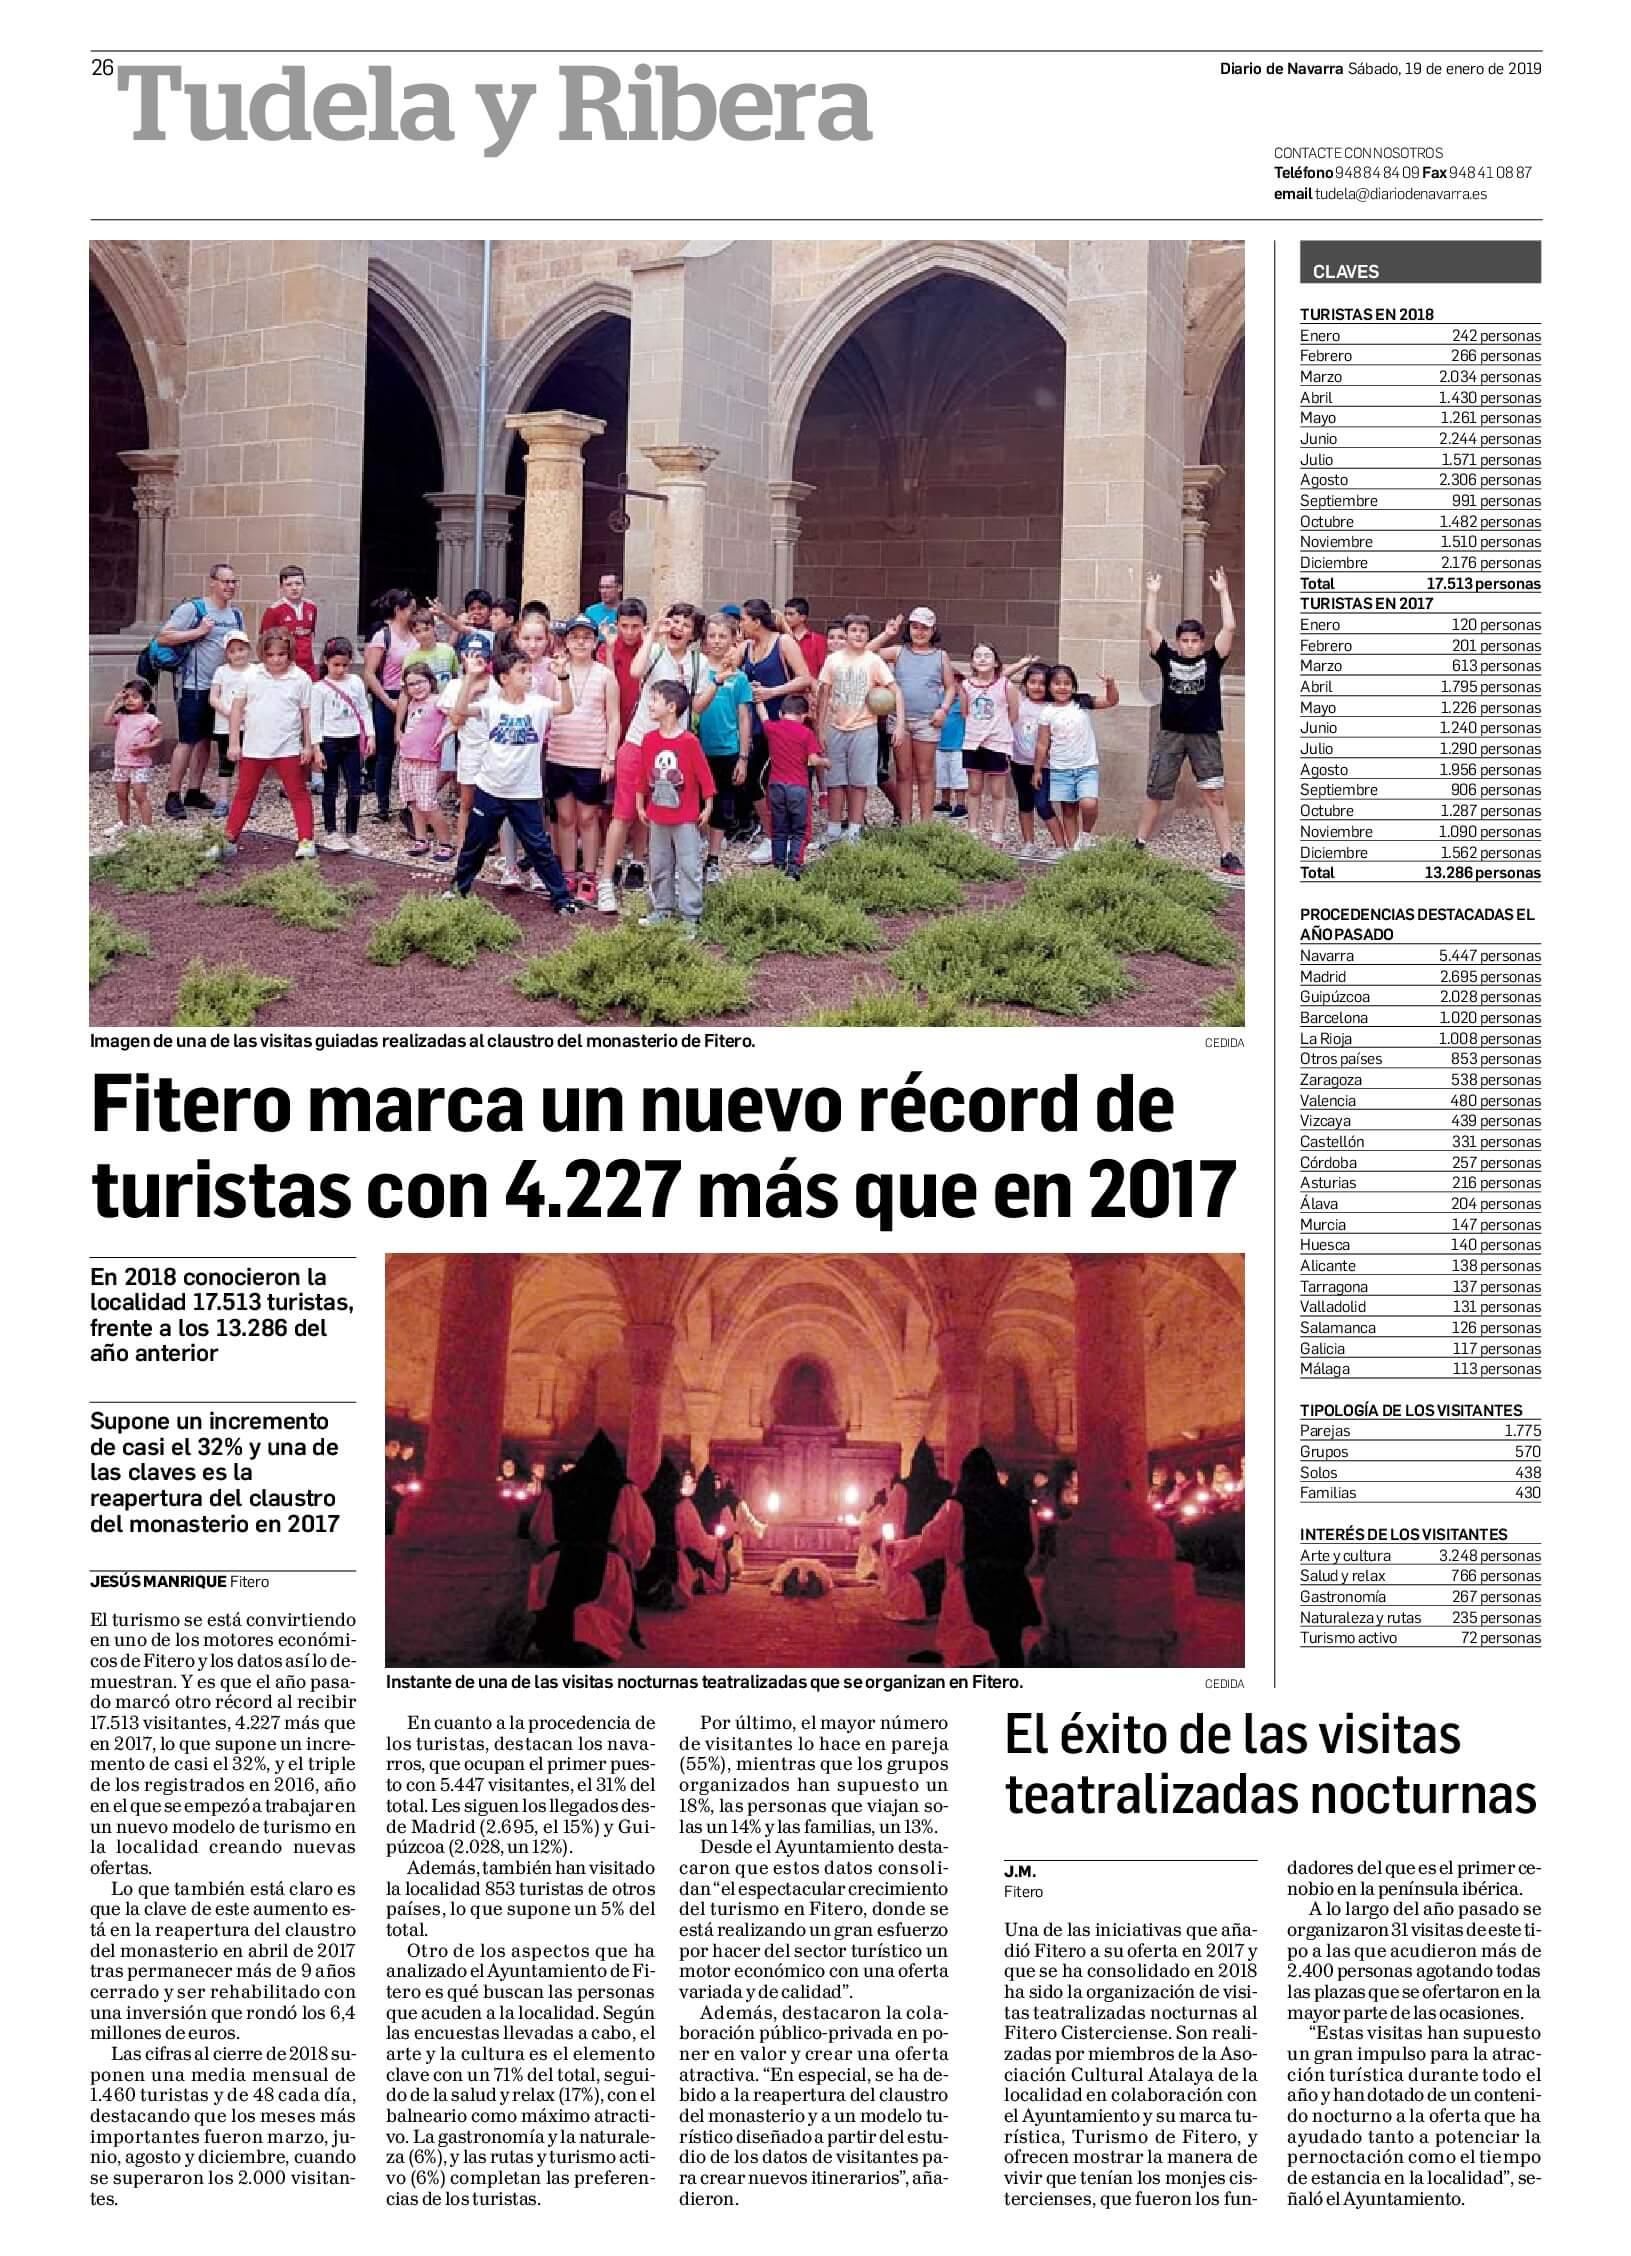 Fitero marca un nuevo récord de turistas con 4.227 más que en 2017